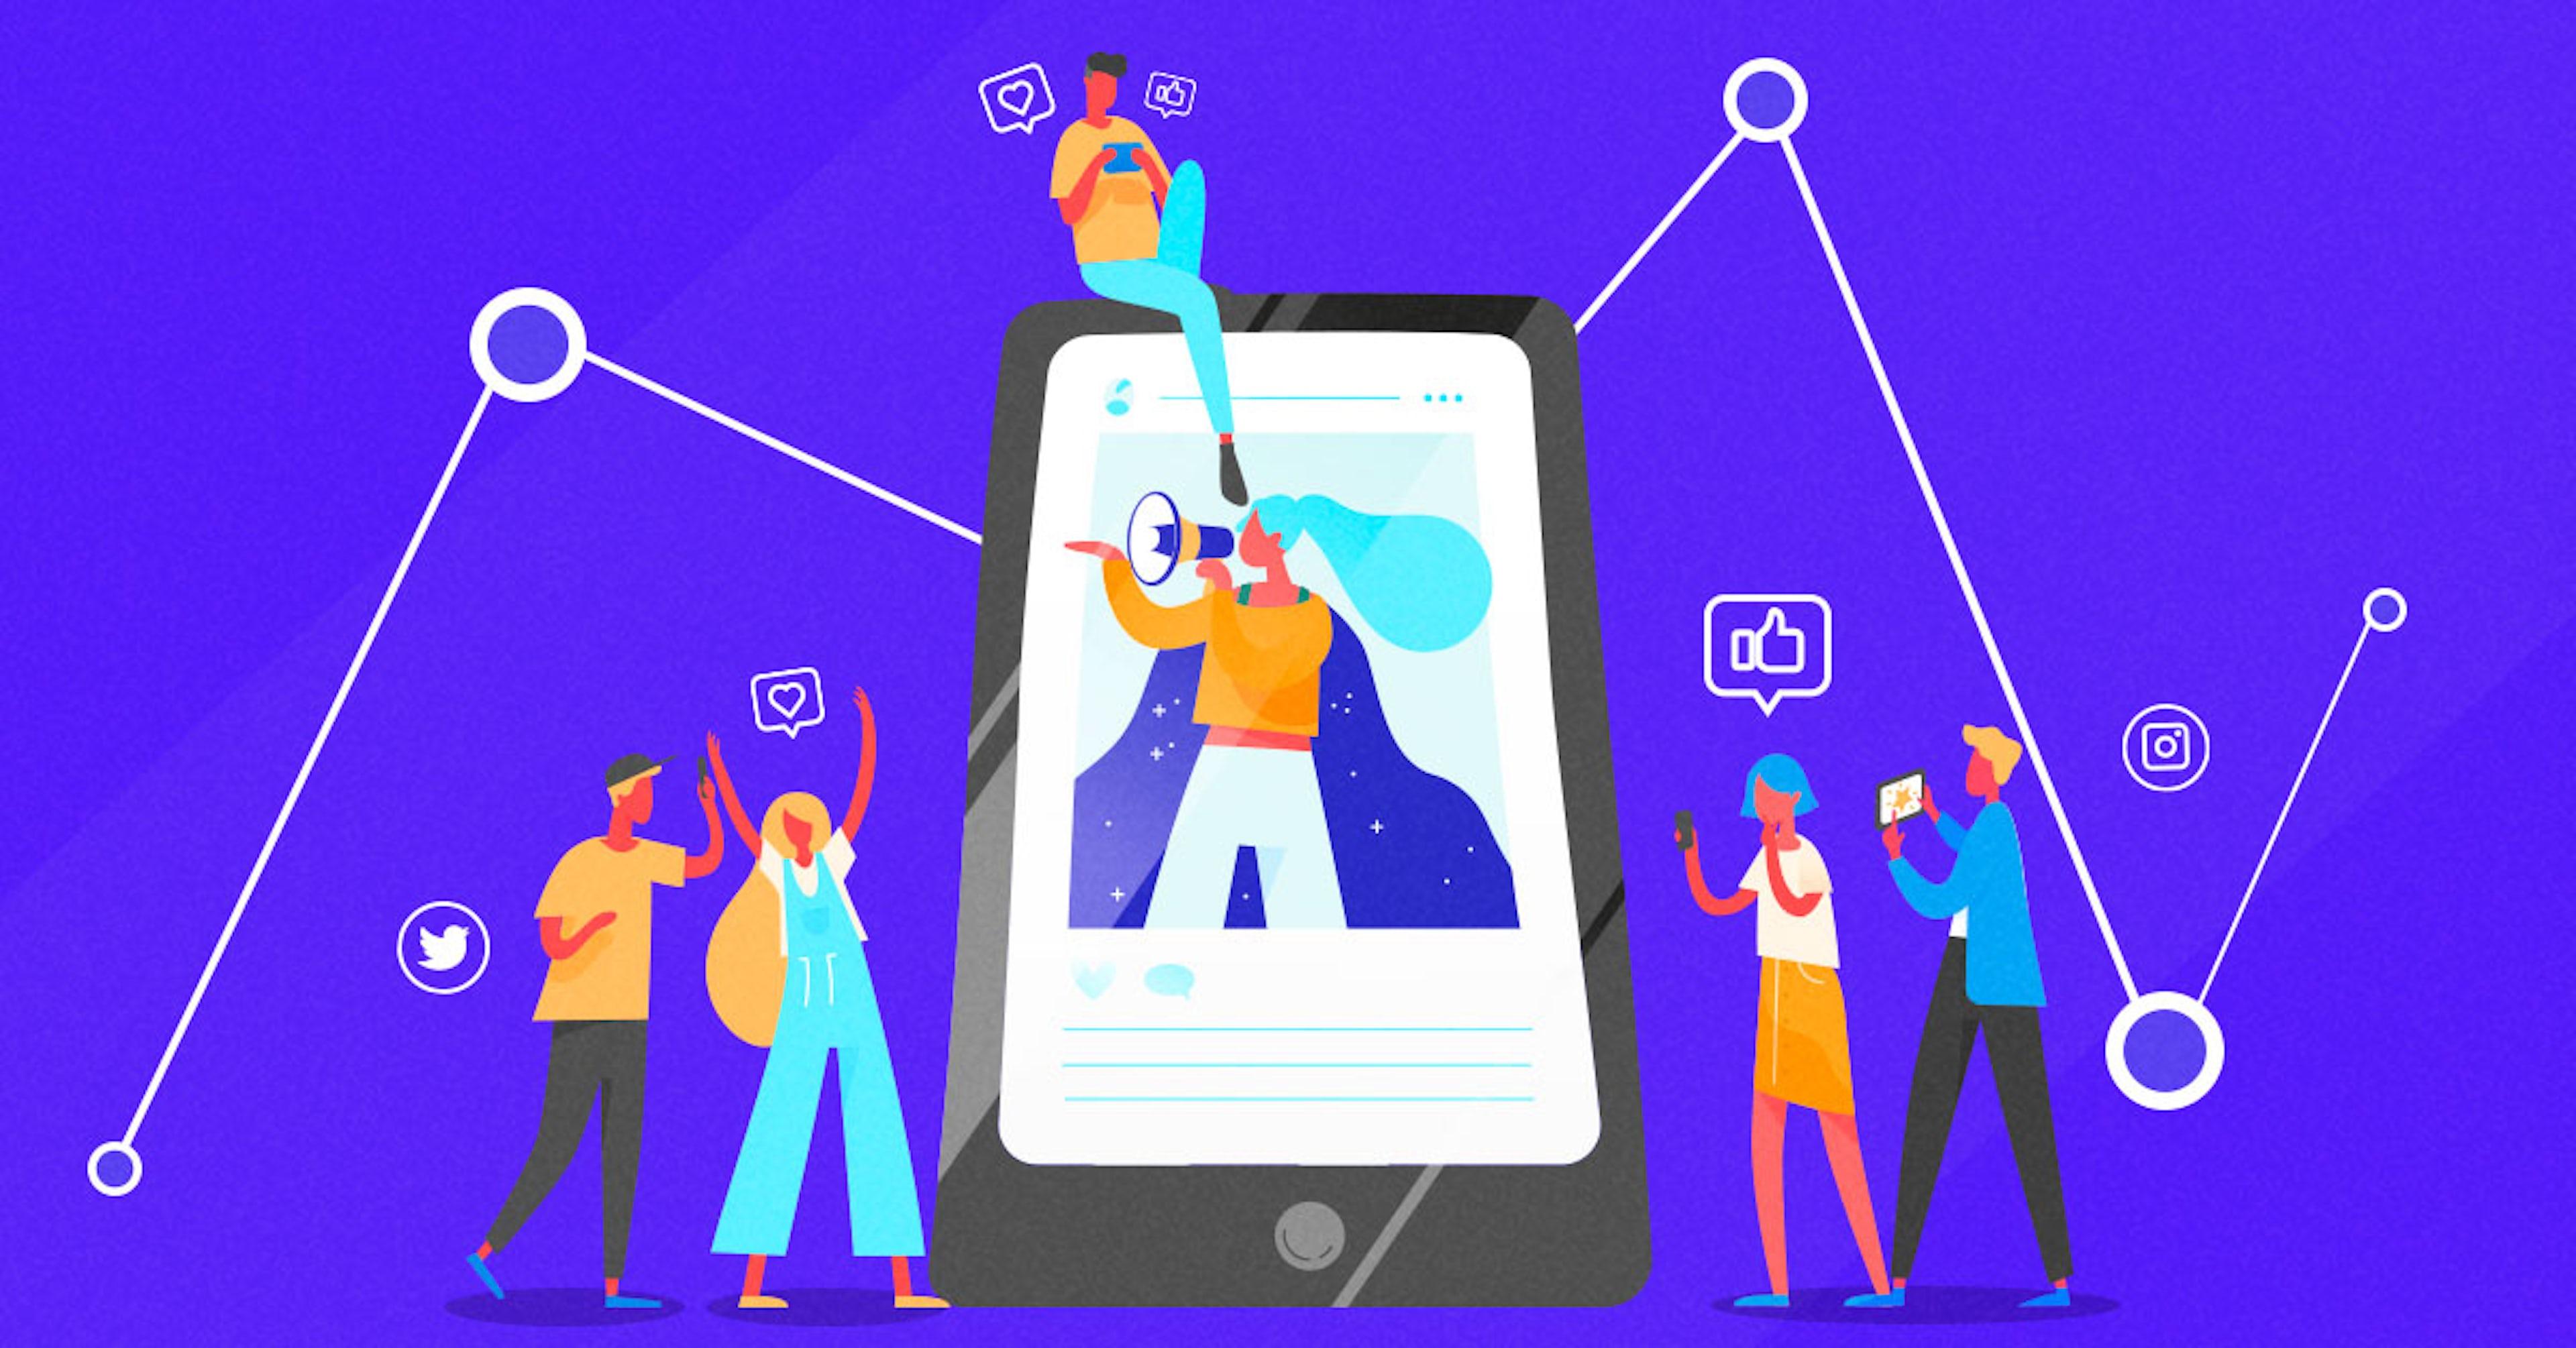 Las 6 claves que debes conocer para alcanzar el éxito en Social Media